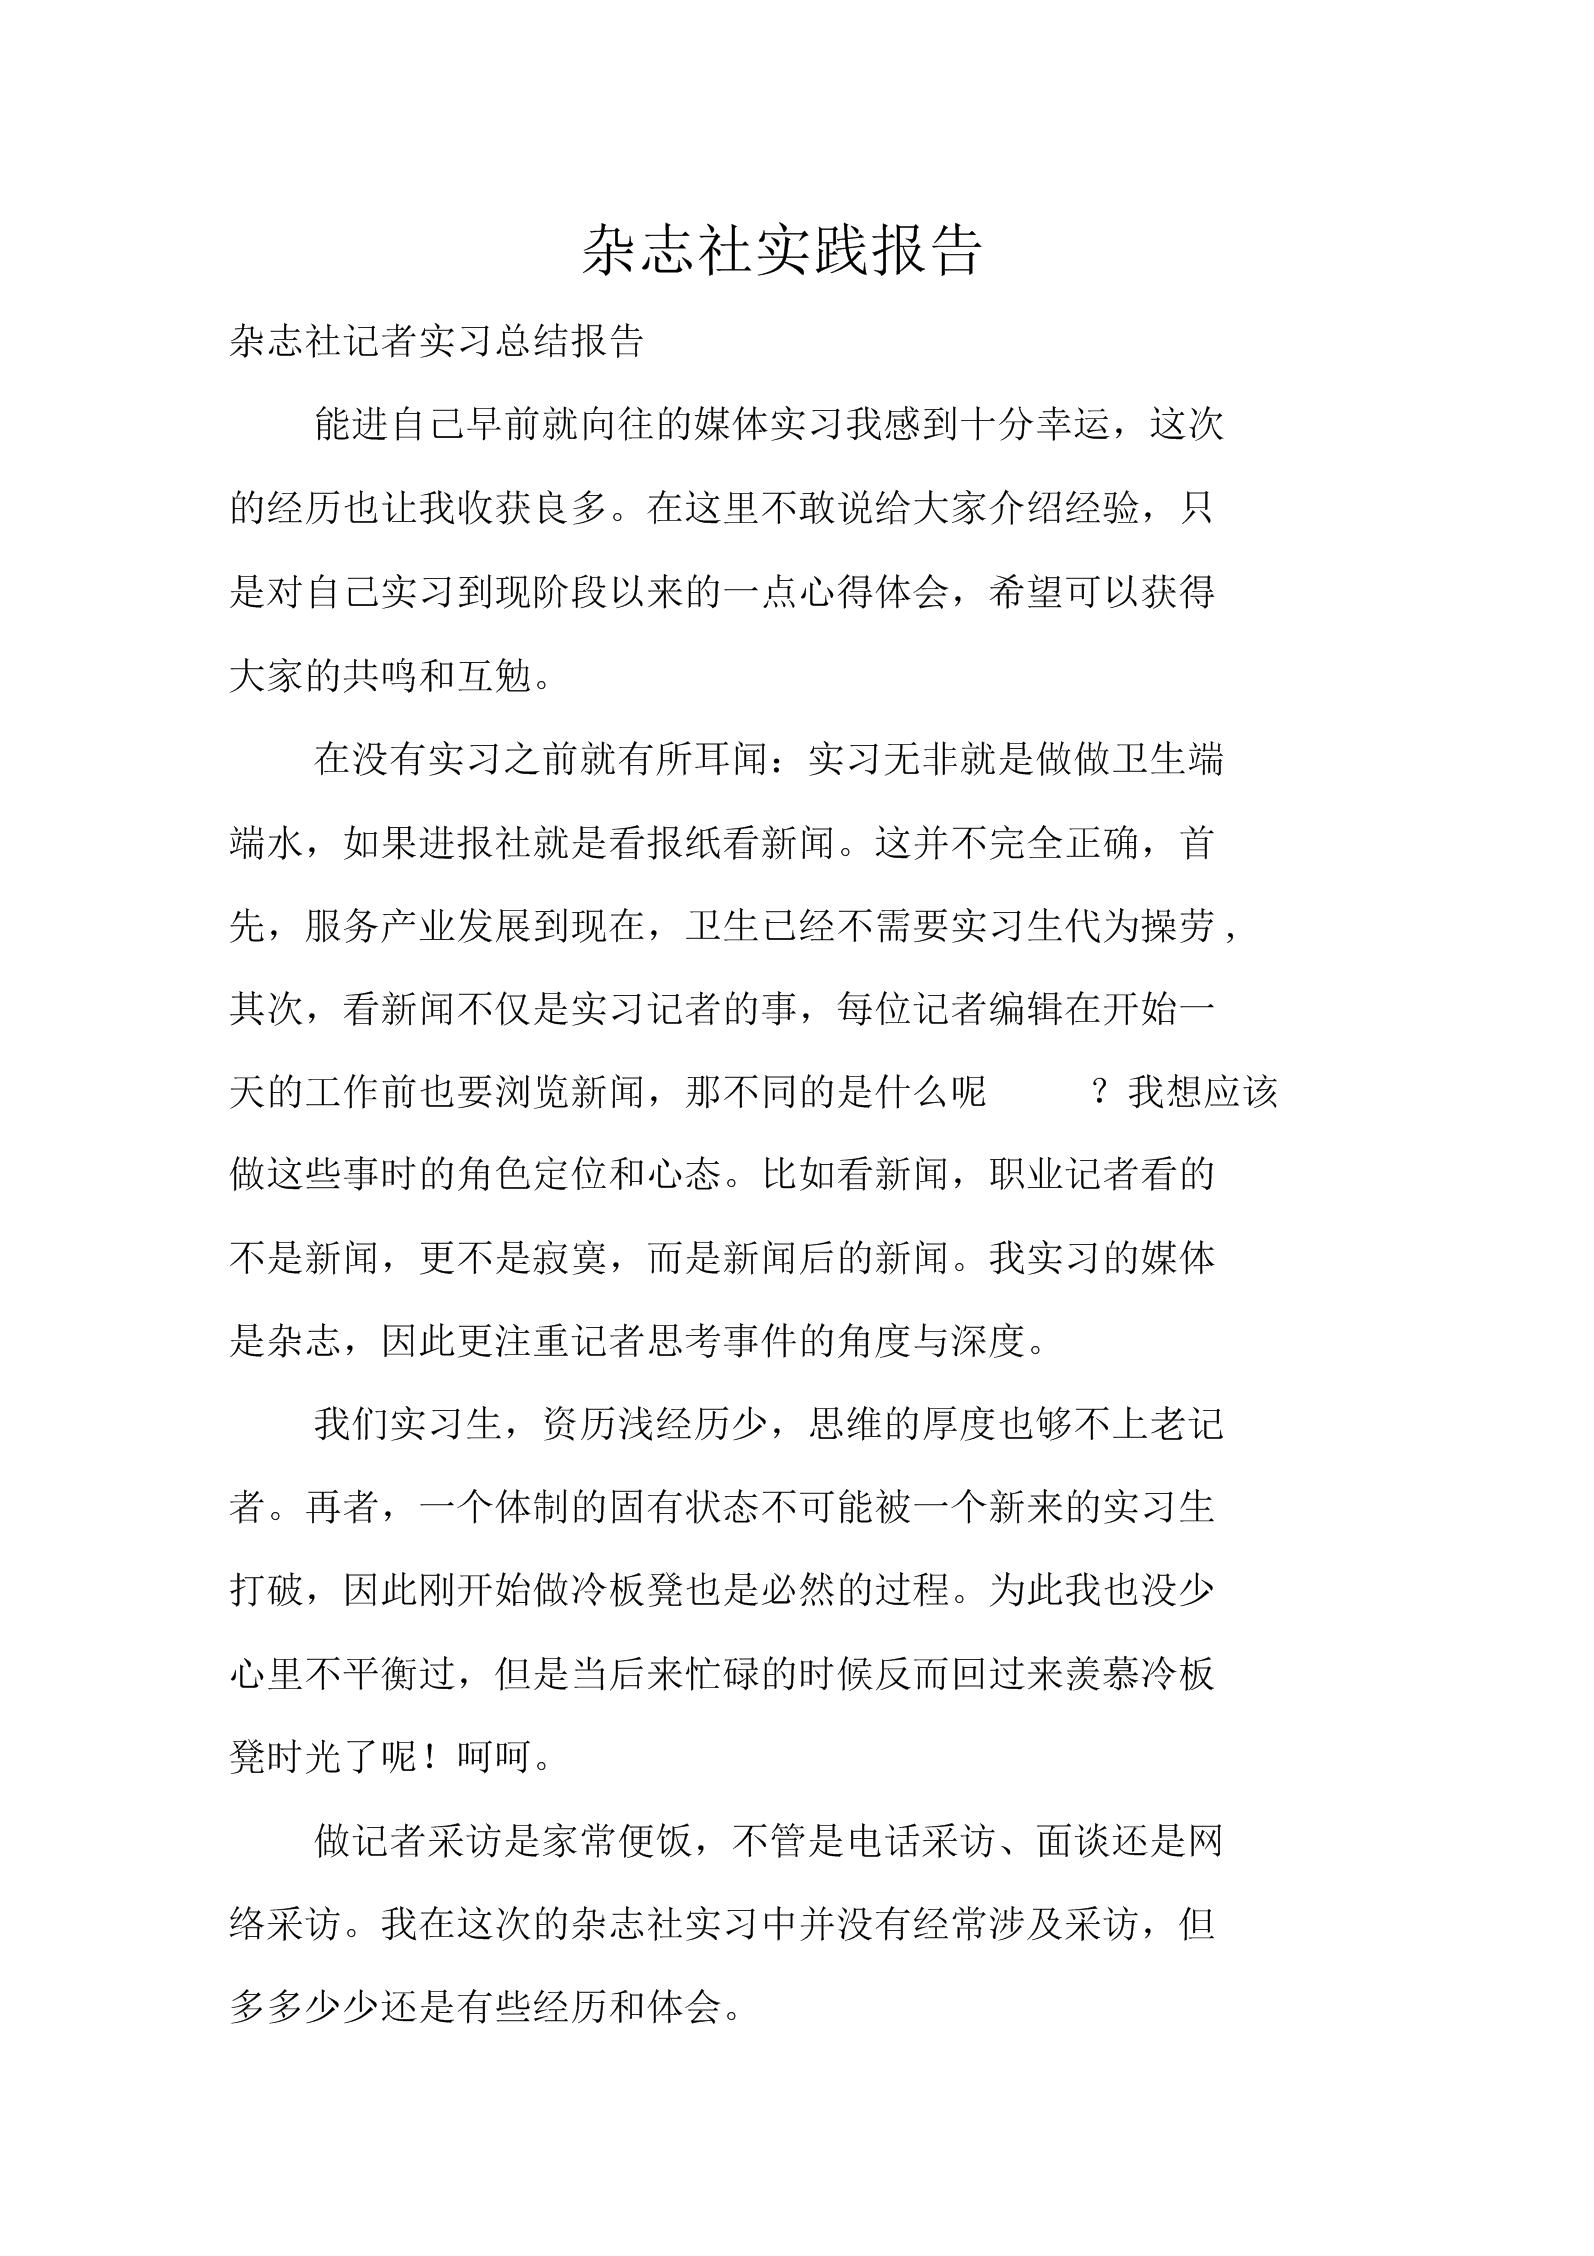 《杂志社实践报告》.docx